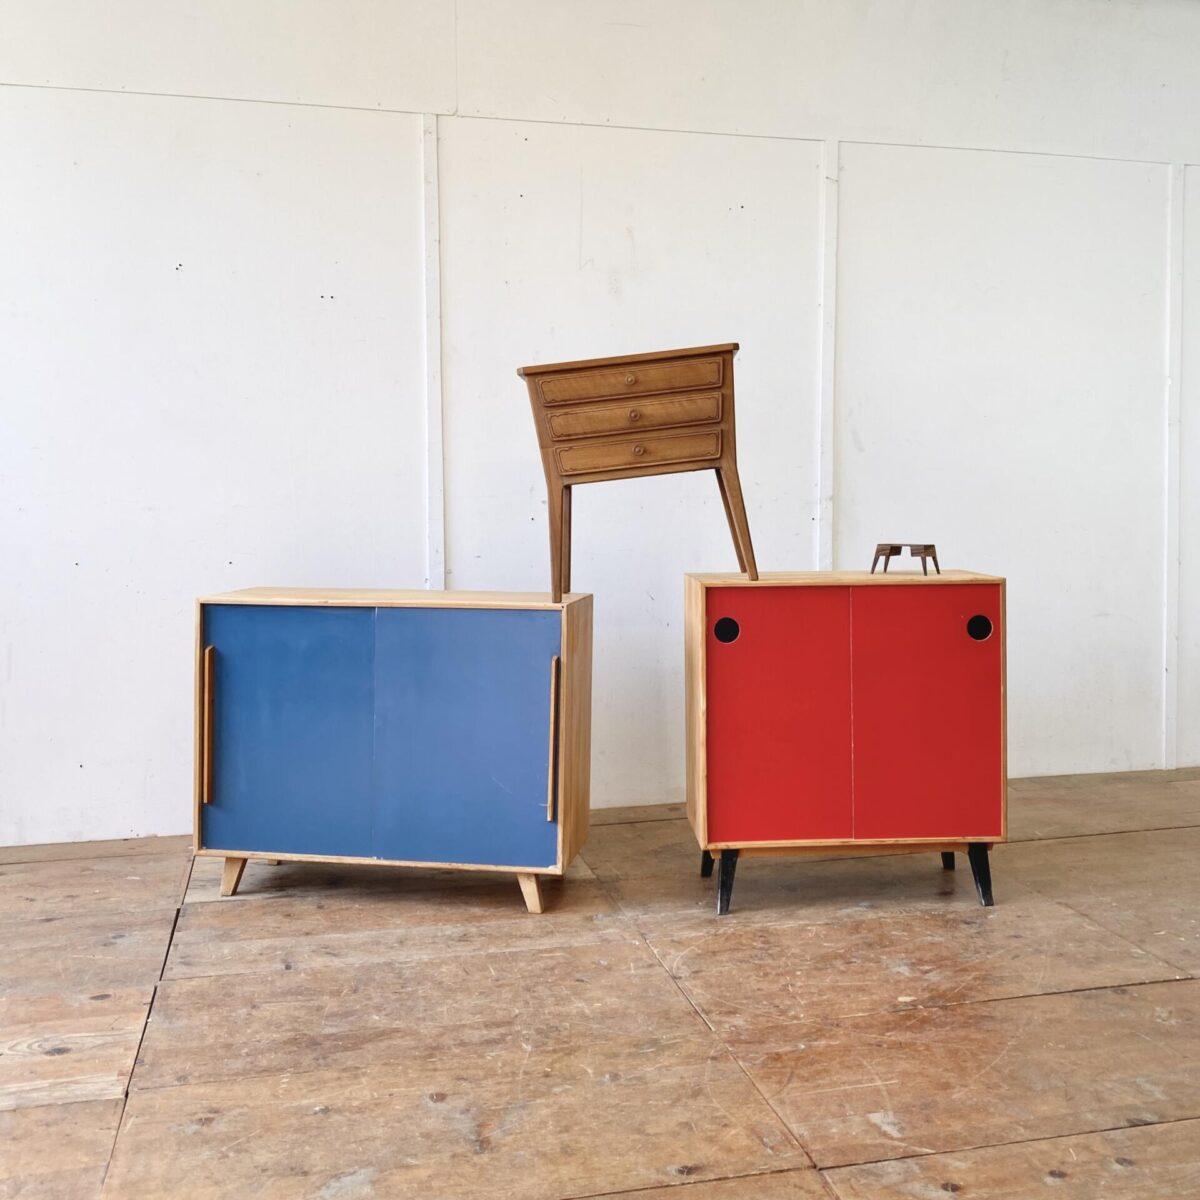 Deuxieme.shop vintage Sideboard. Tannenholz Schuhschränke mit Schiebetüren. Preis pro Stück. Das blaue misst 72x35cm Höhe 77cm. Das rote 52x34cm Höhe 55.5cm. Die Möbel sind geschliffen und gereinigt. Der kleine Nussbaum Nachttisch mit Schubladen ist ebenfalls verfügbar. 180.-